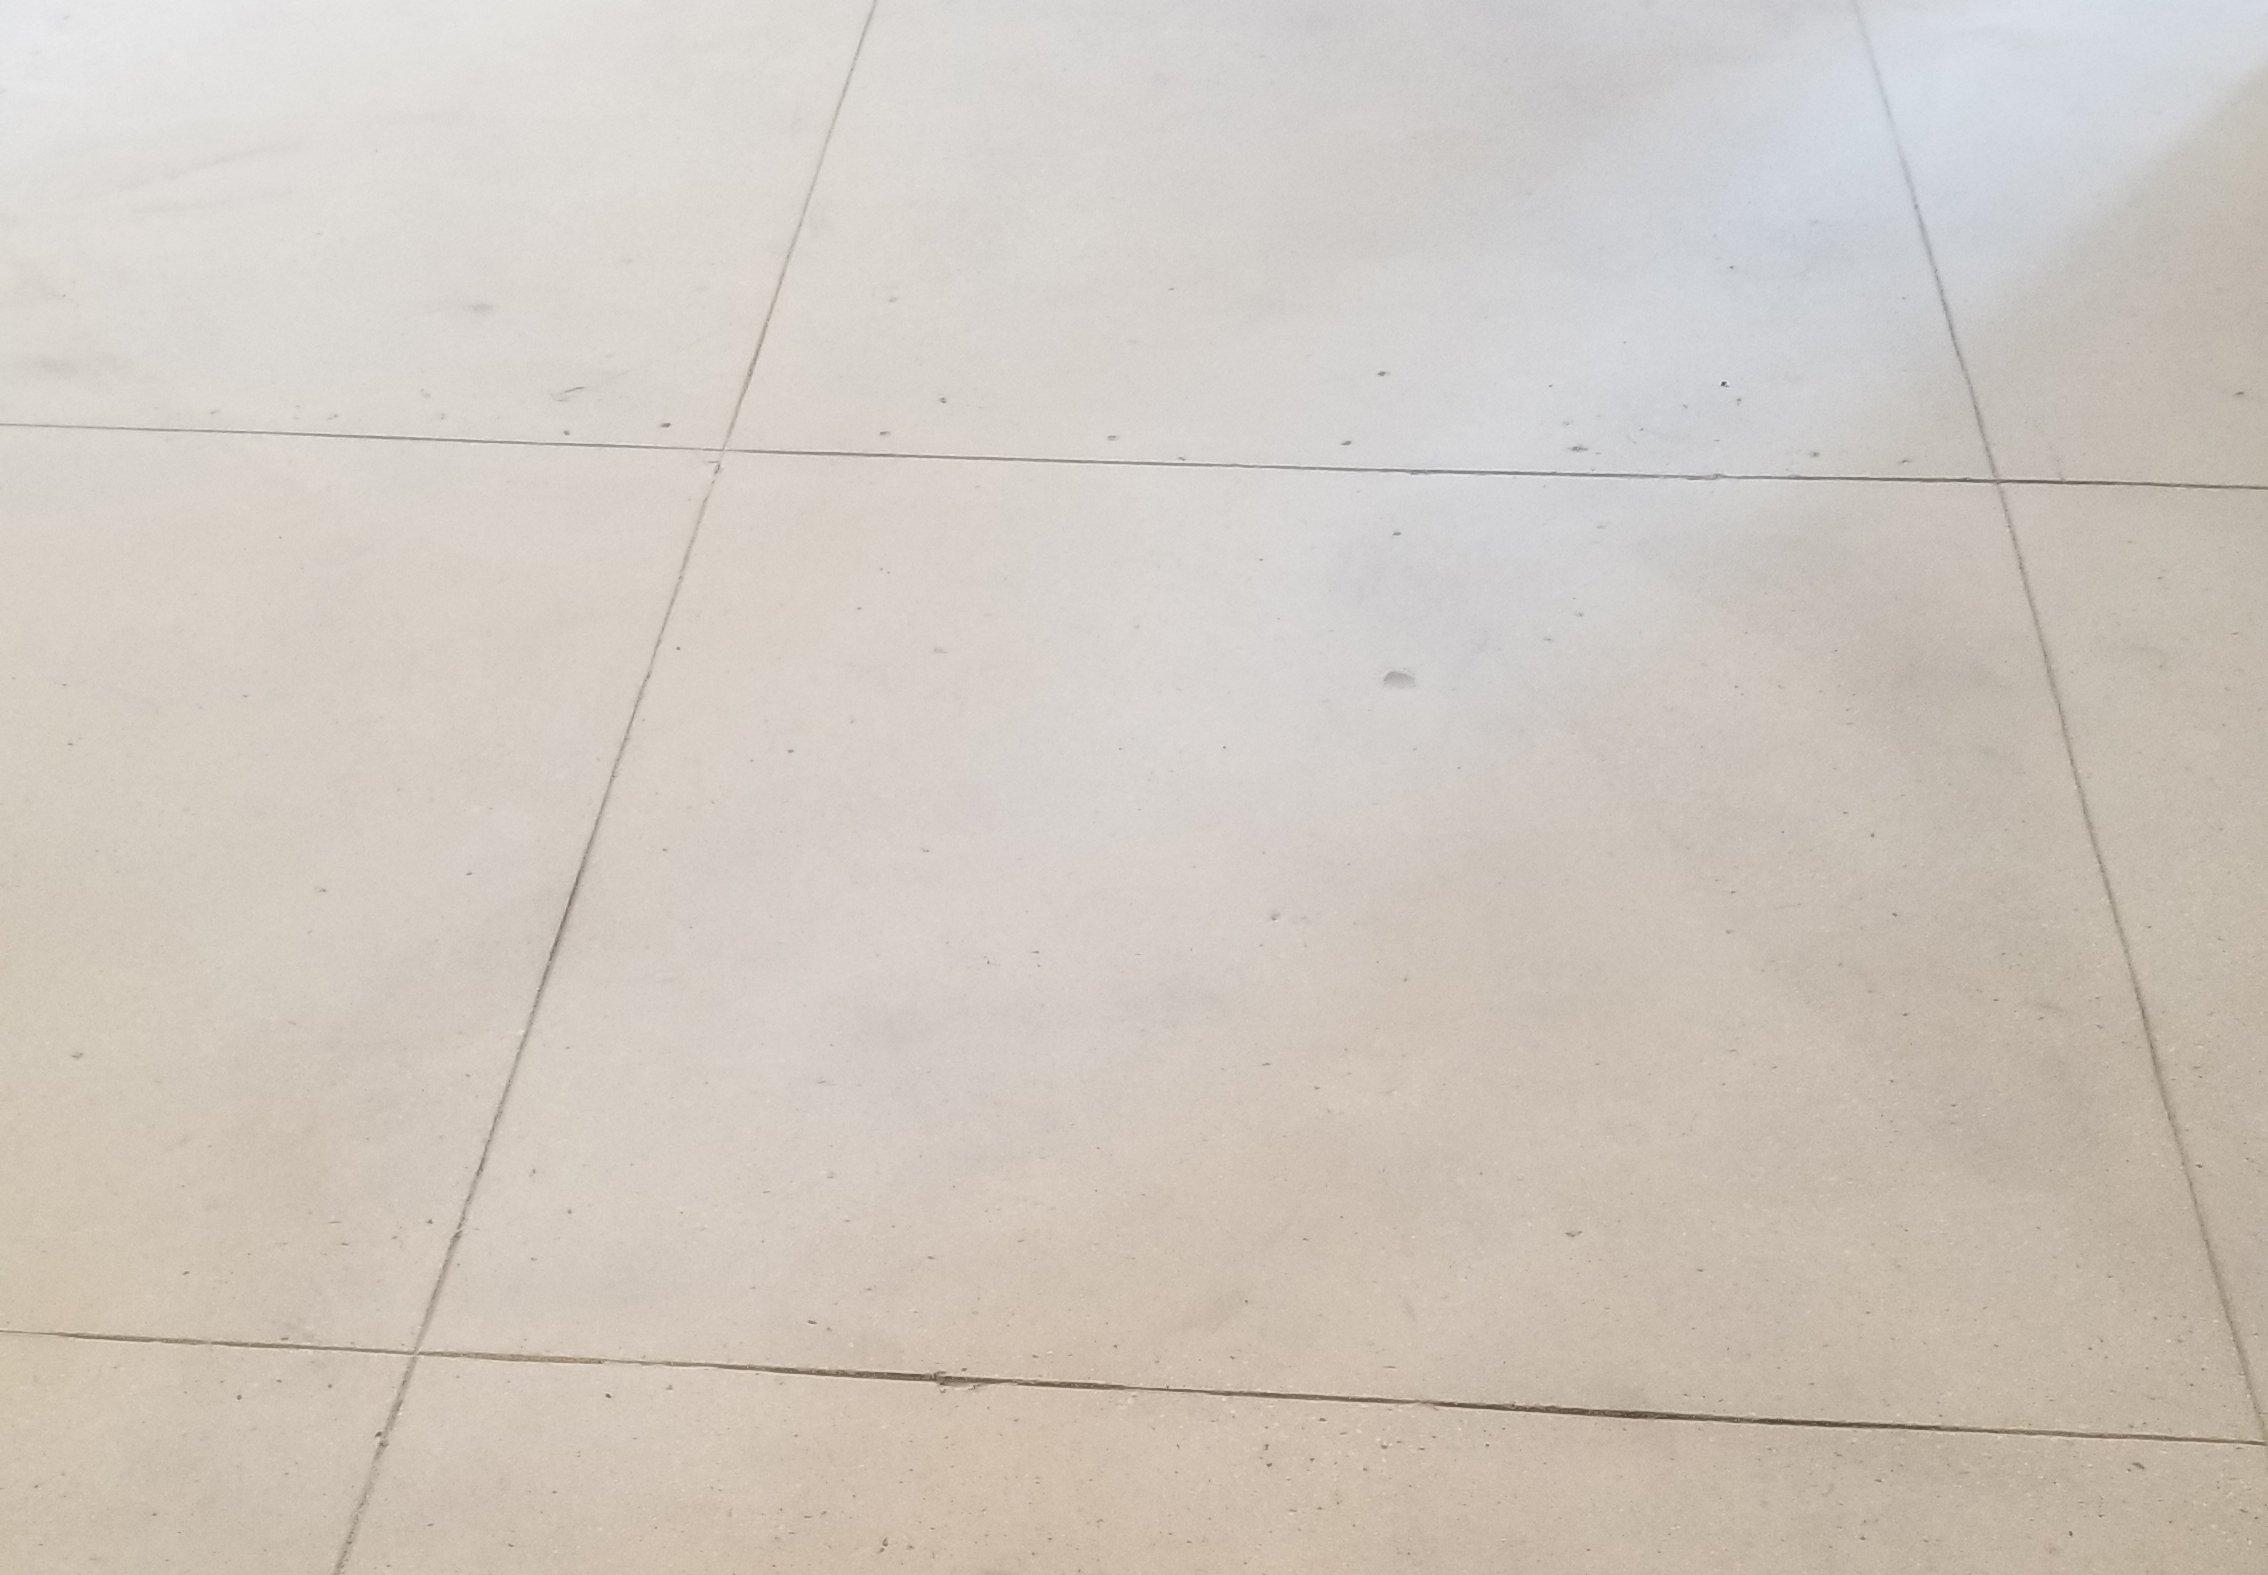 Epoxy Floors Coating